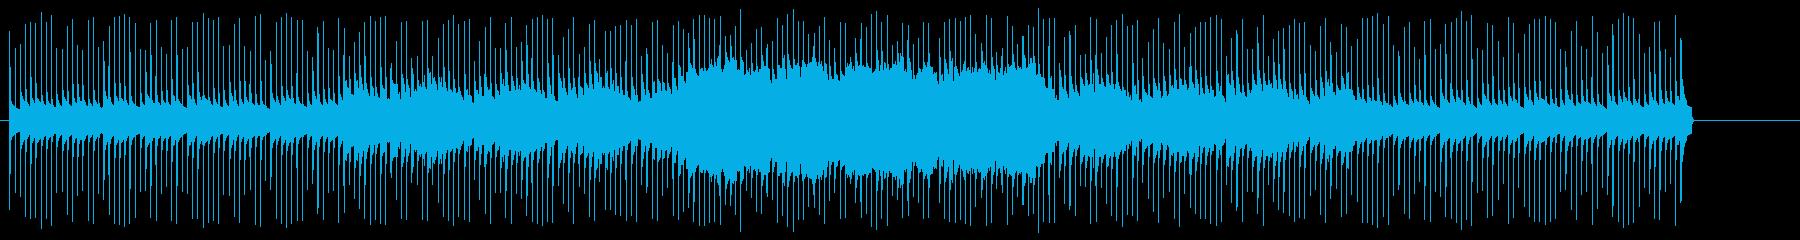 脱力感のあるテクノ/BGの再生済みの波形